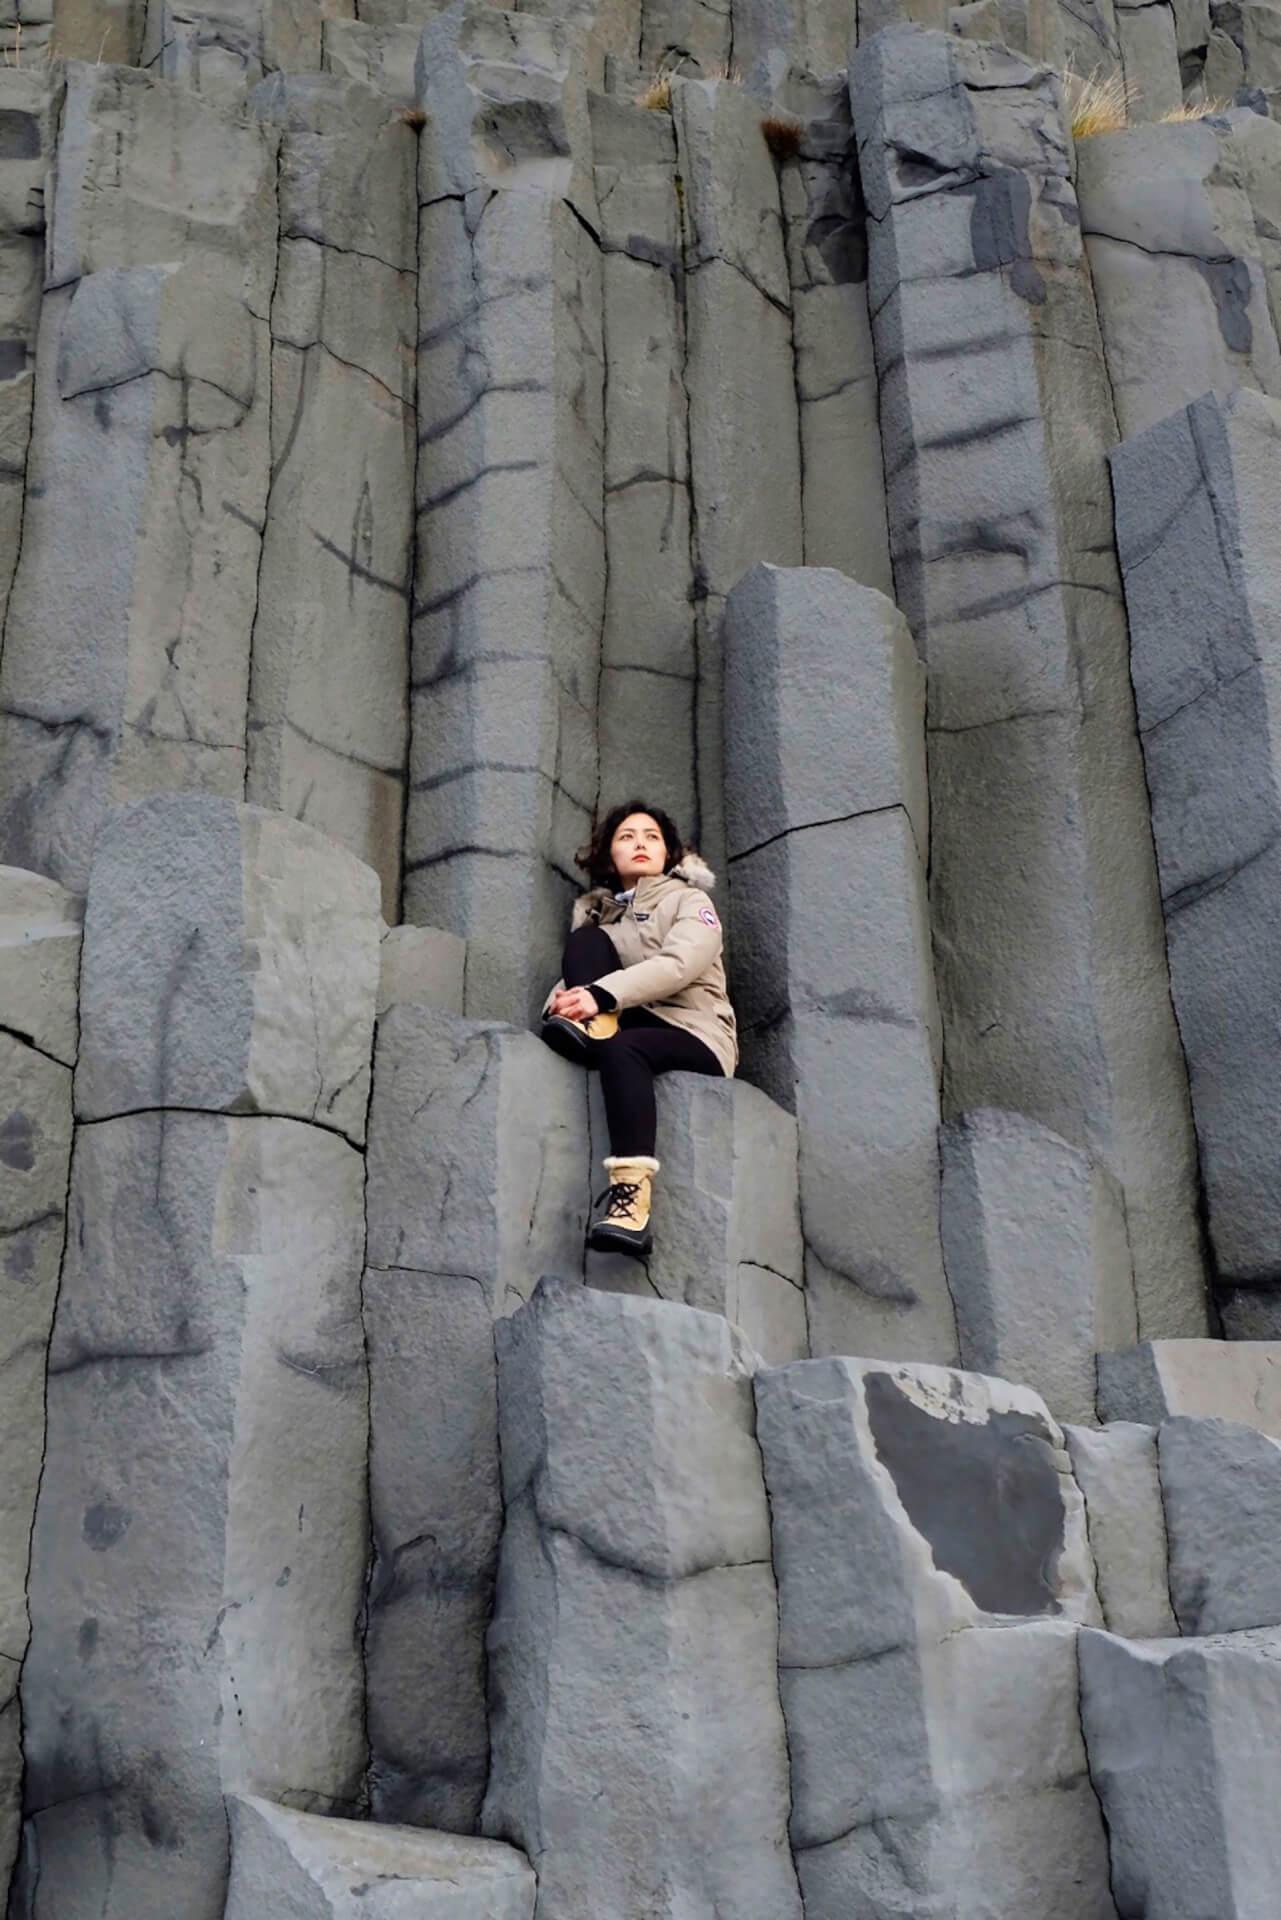 シガー・ロスやビョークの音楽が生まれた地へ。モデル・武智志穂のアイスランド旅行記 art191202_takechishiho_2